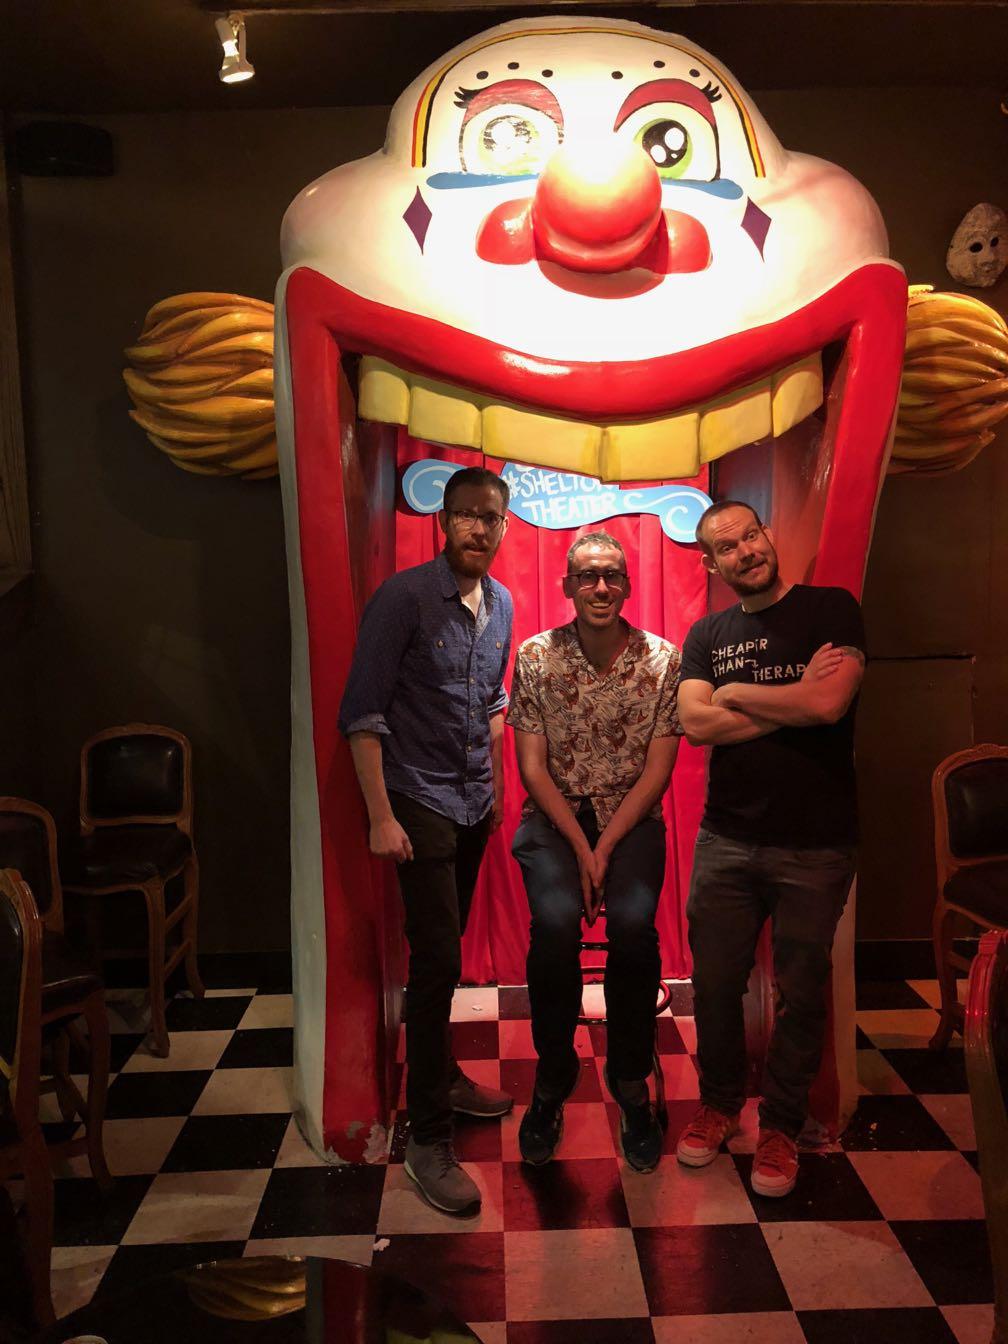 Scott Simpson, Ben Jennings, and Jon Allen standing inside a bizarre clown in a dimly lit theater lobby.